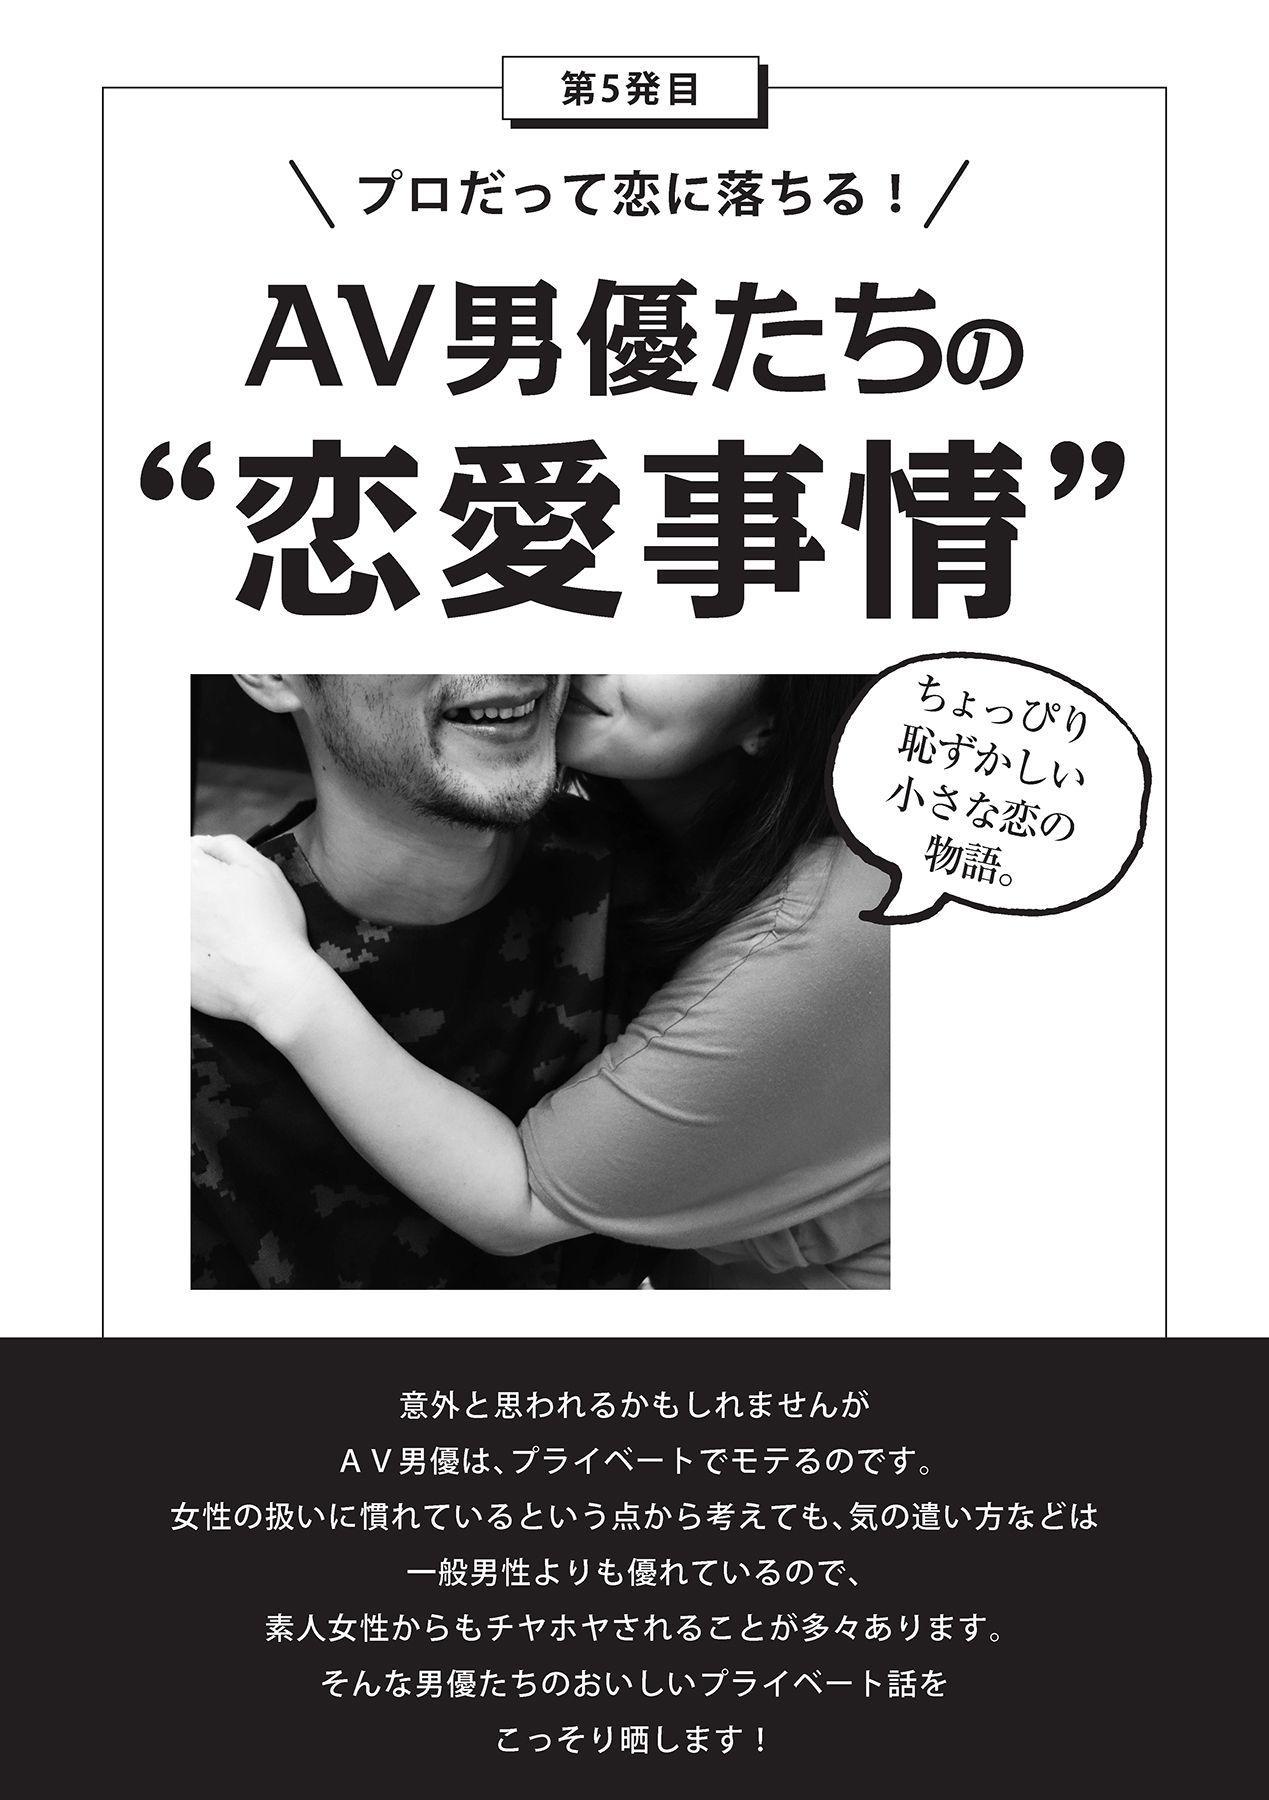 AV男優になろう! イラスト版 ヤリすぎッ! 86